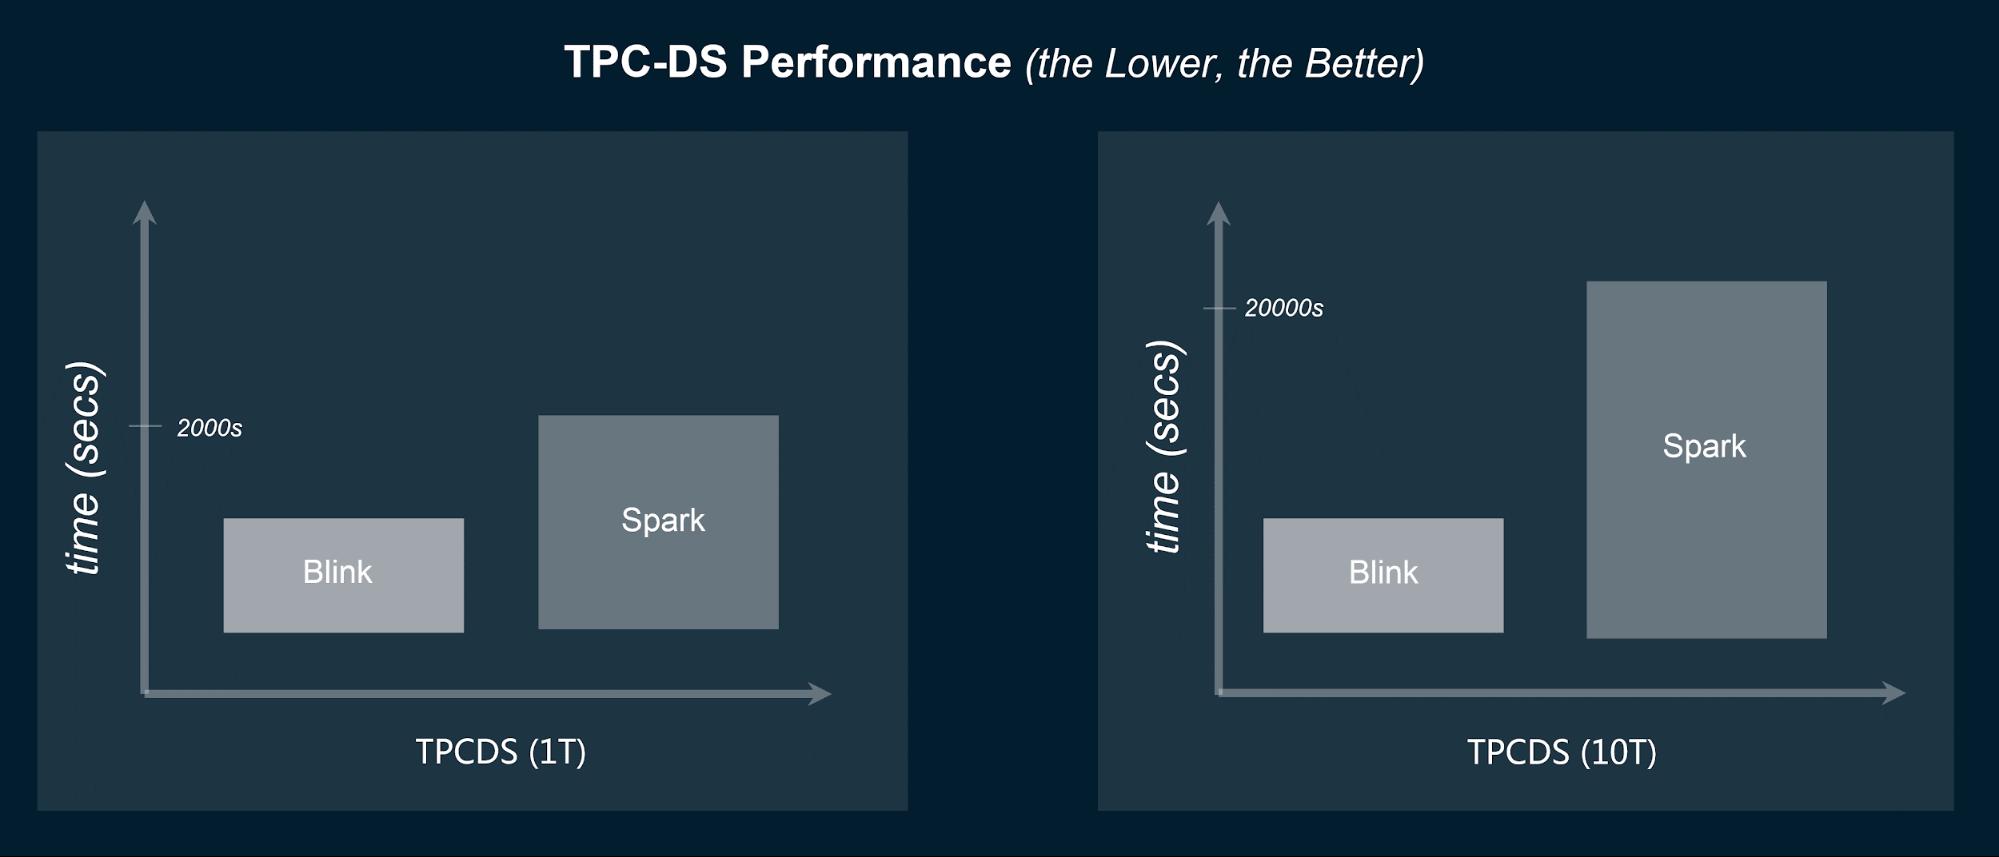 Blink, Flink, Flink performance